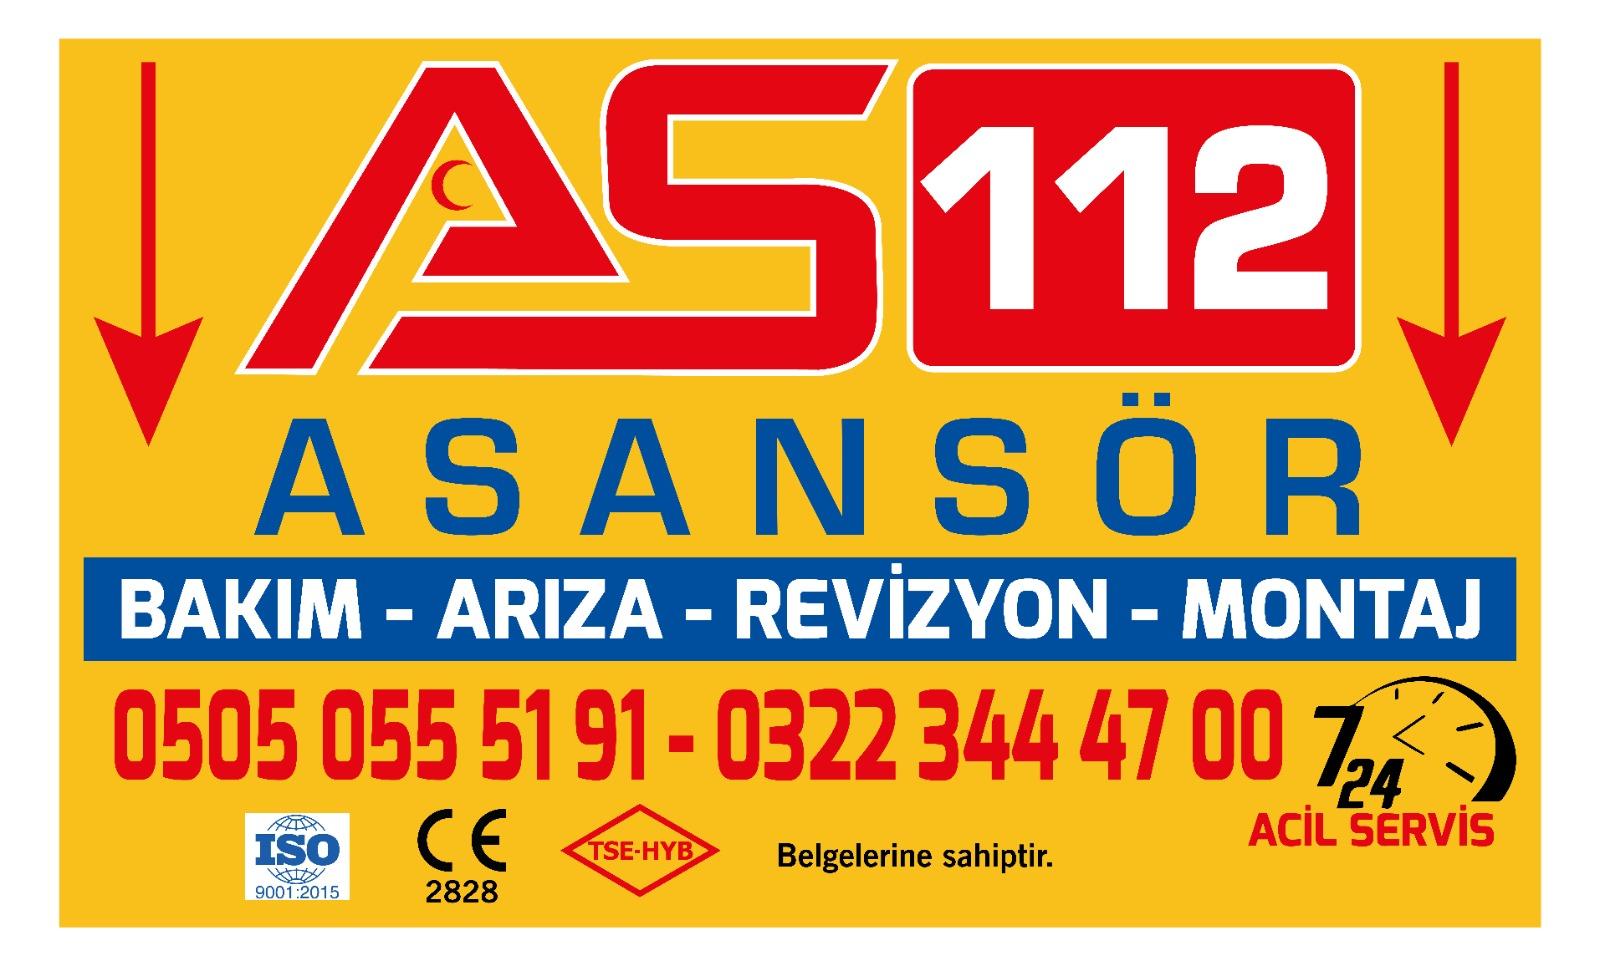 AS112 ASANSÖR SAN.LTD.ŞTİ